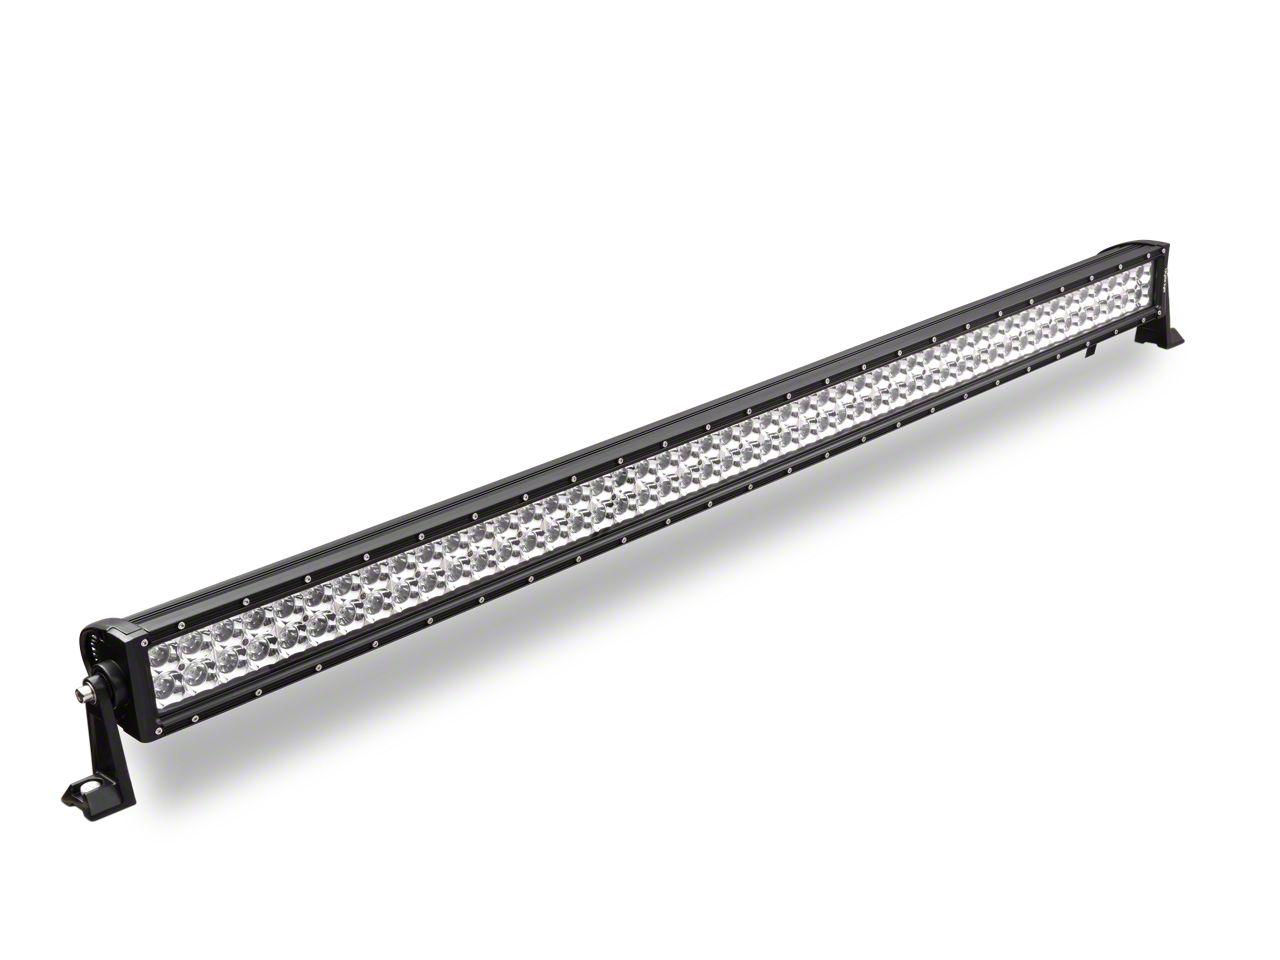 Alteon 50 in. 11 Series LED Light Bar - 8 Degree Spot Beam